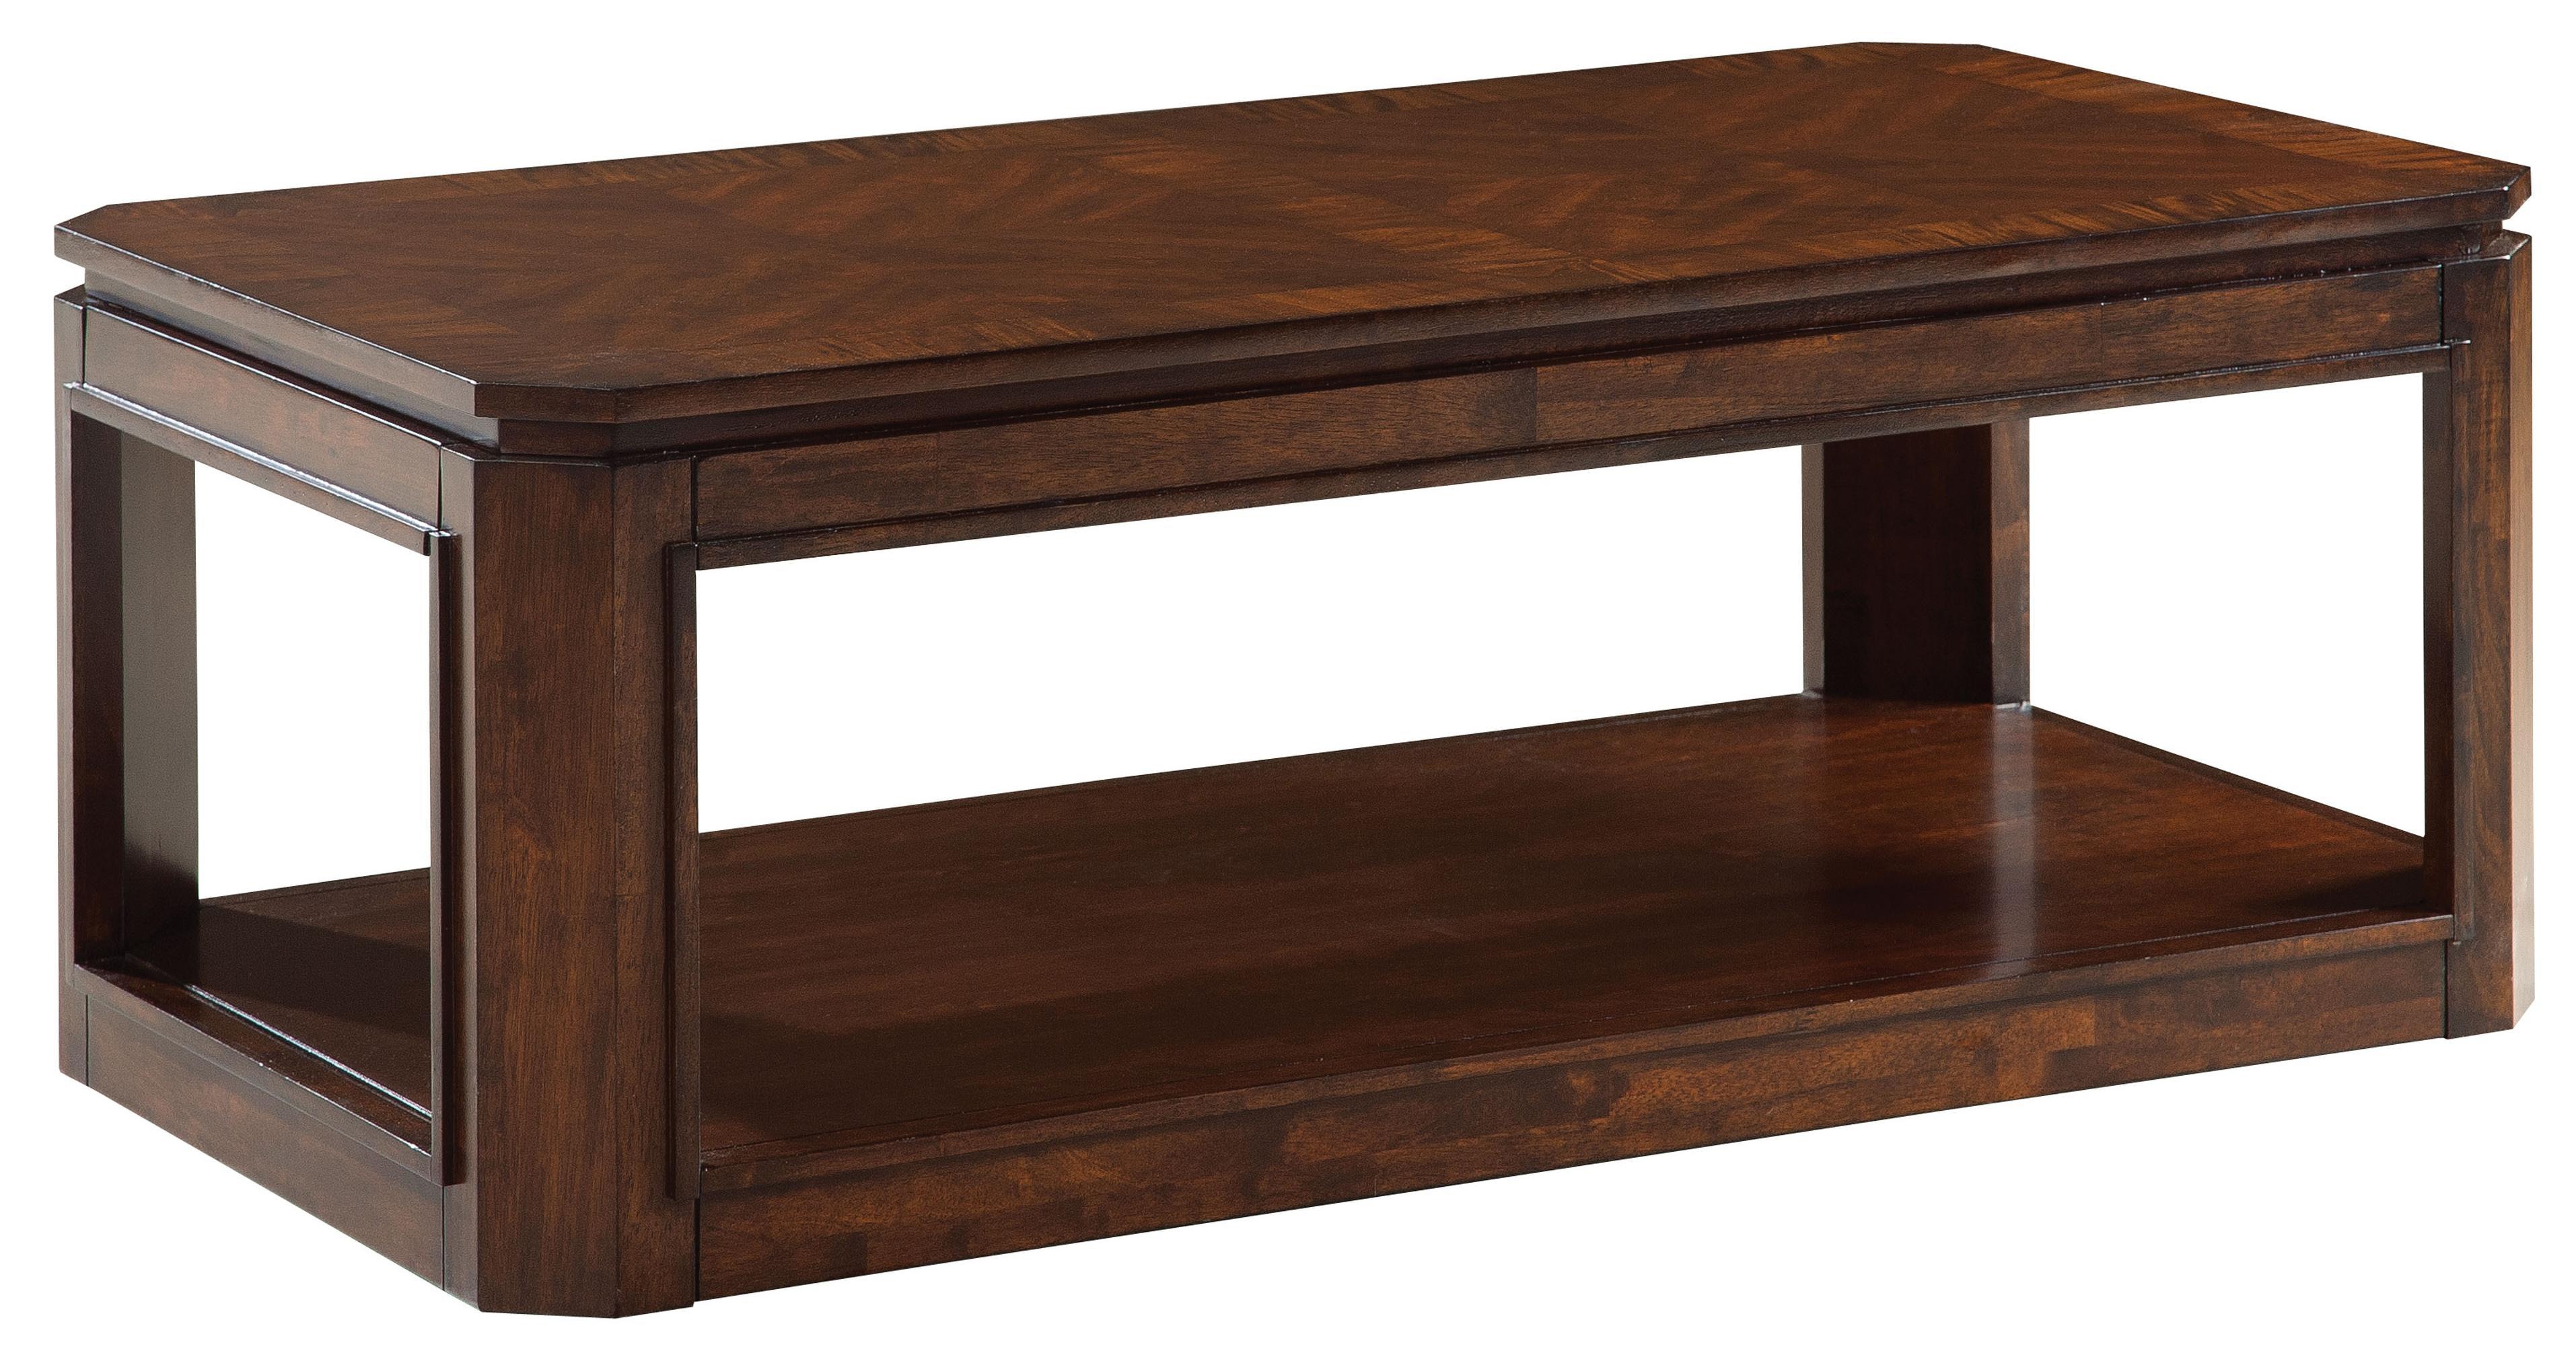 Standard Furniture Avion  Cocktail Table - Item Number: 22431